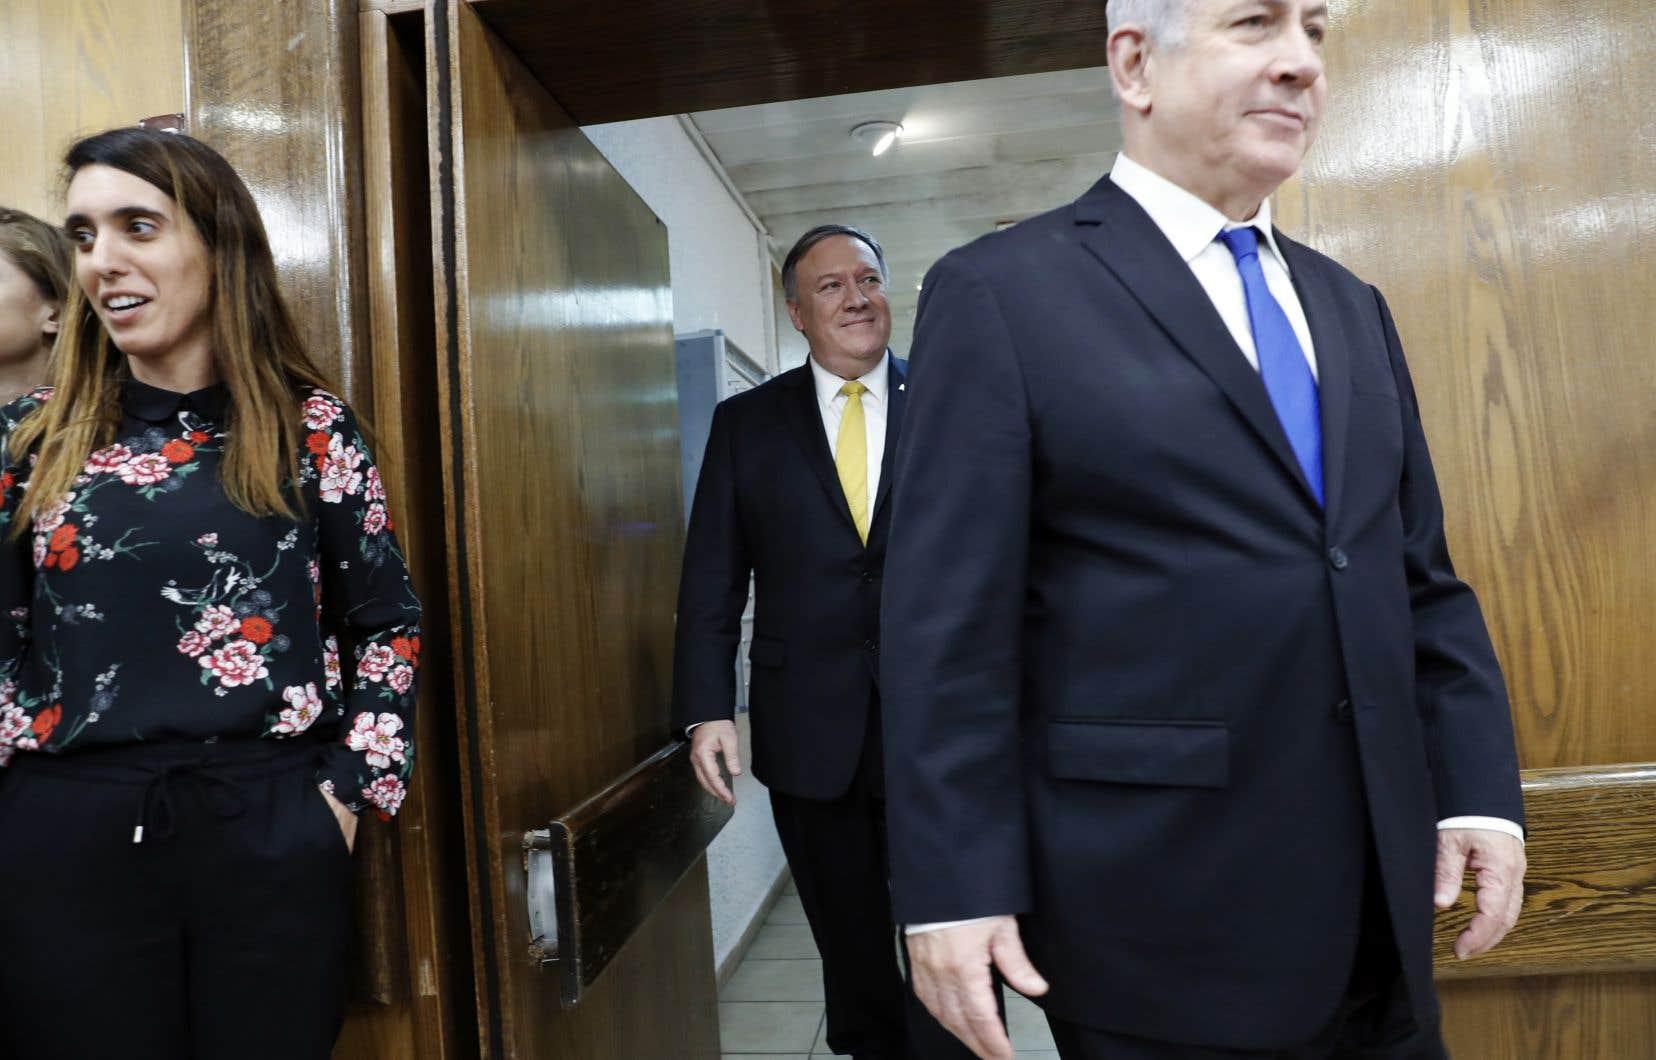 Le nouveau chef de la diplomatie américaine,Mike Pompeo (en arrière-plan), a atterri dimanche soir à Amman pour des entretiens lundi avec des responsables jordaniens.